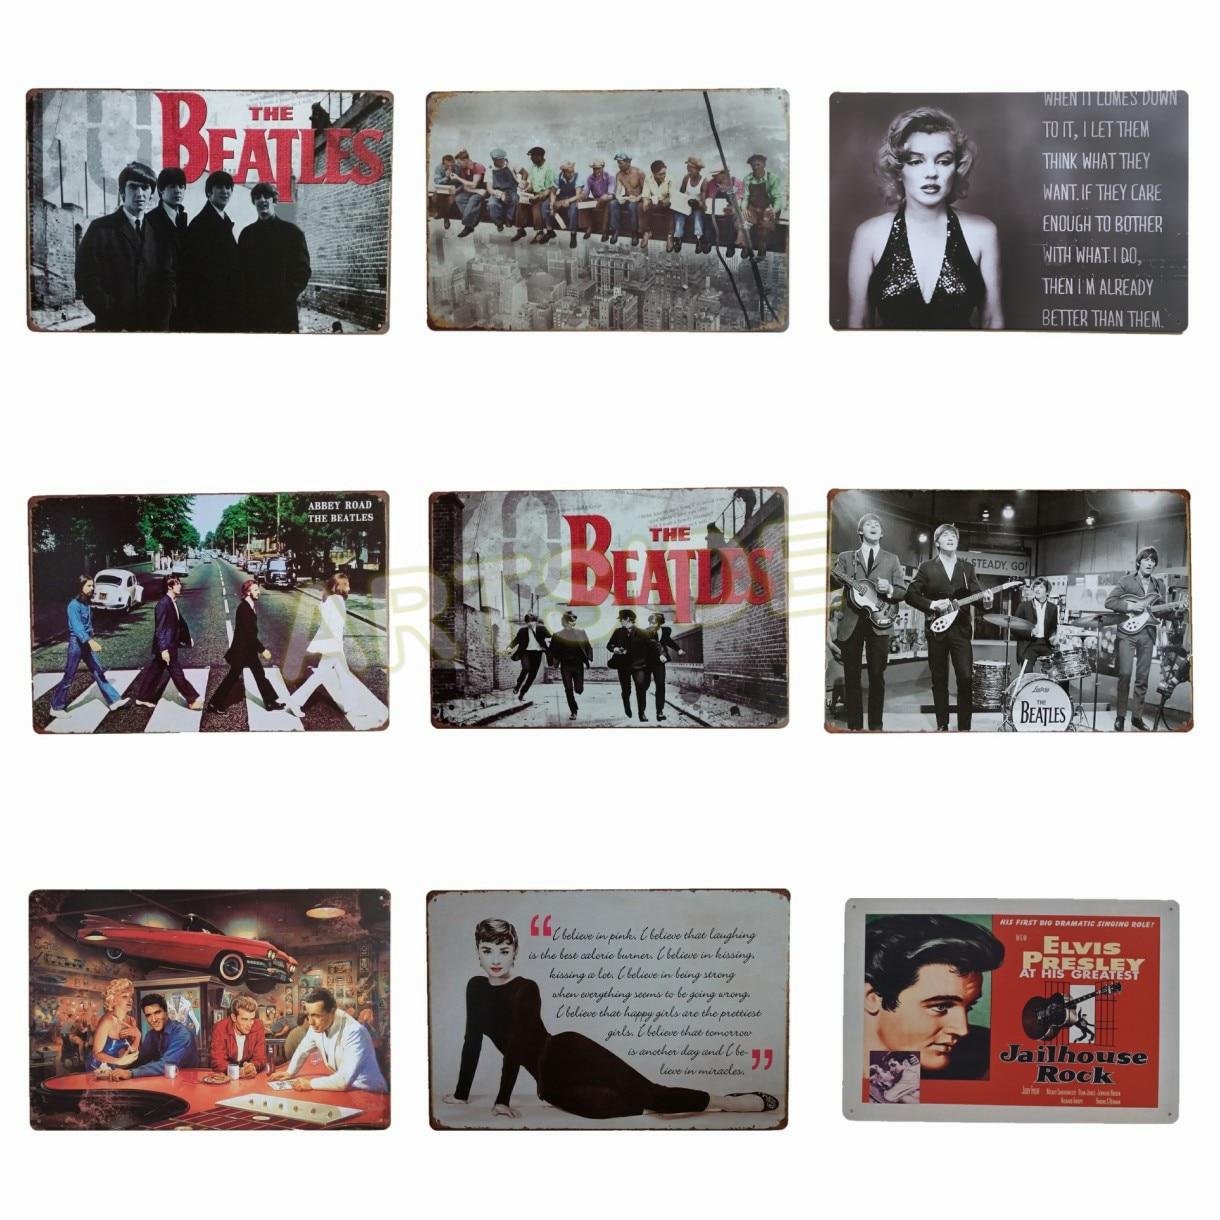 Голливудская Закусочная, металлическая жестяная вывеска группы The Beatle, настенное украшение в винтажном стиле, декор для кофе и бара